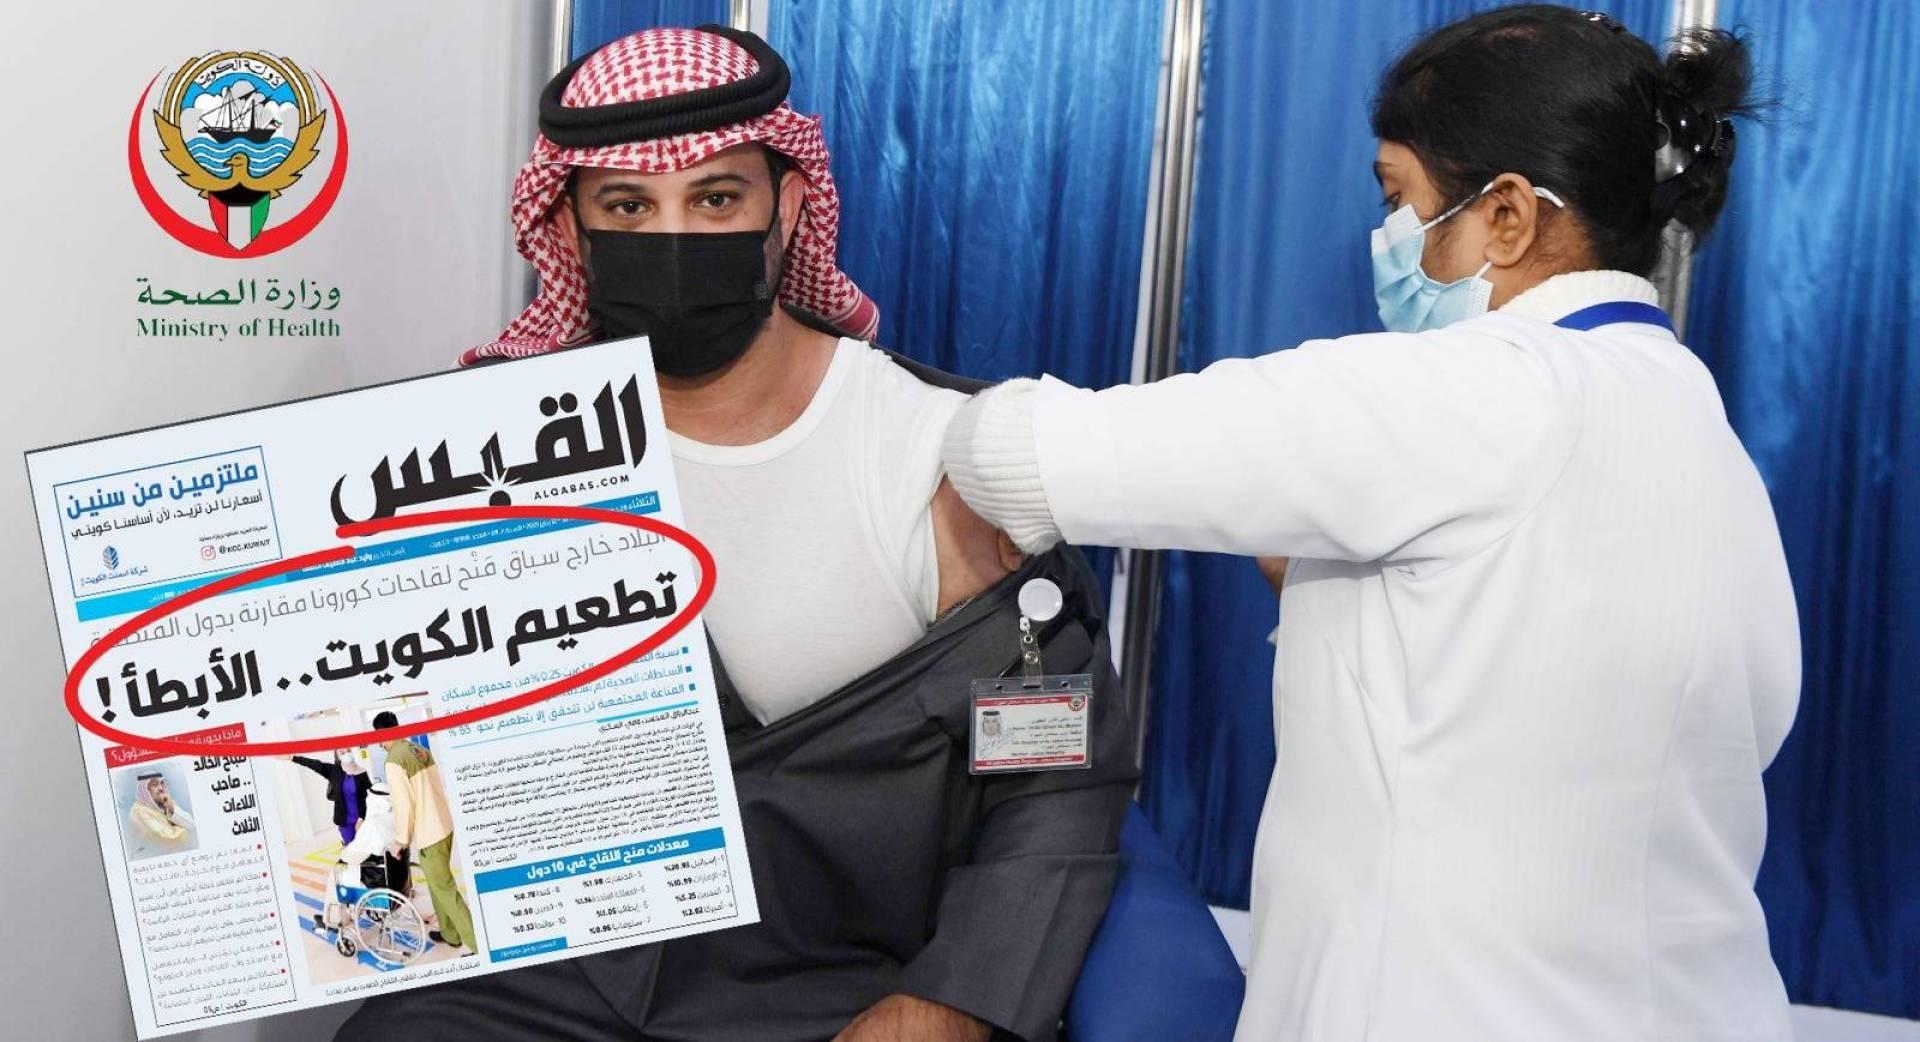 وزارة الصحة رداً على مانشيت «القبس»: إجراءات الكويت الأحوط والأكفأ وليست الأبطأ